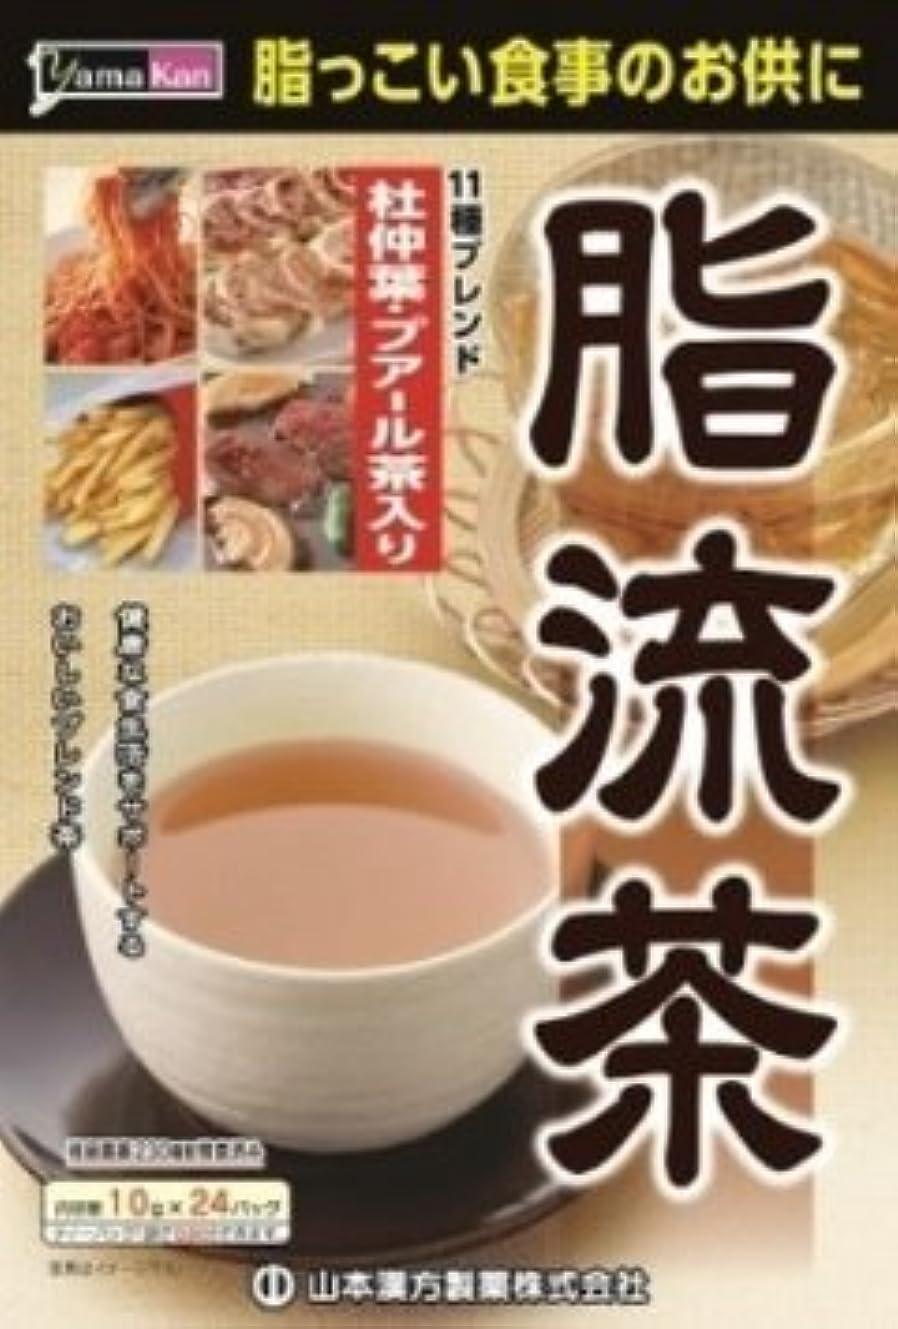 アラブ人ポップマスタード【10個セット】山本漢方製薬 脂流茶 10gX24H ×10個セット